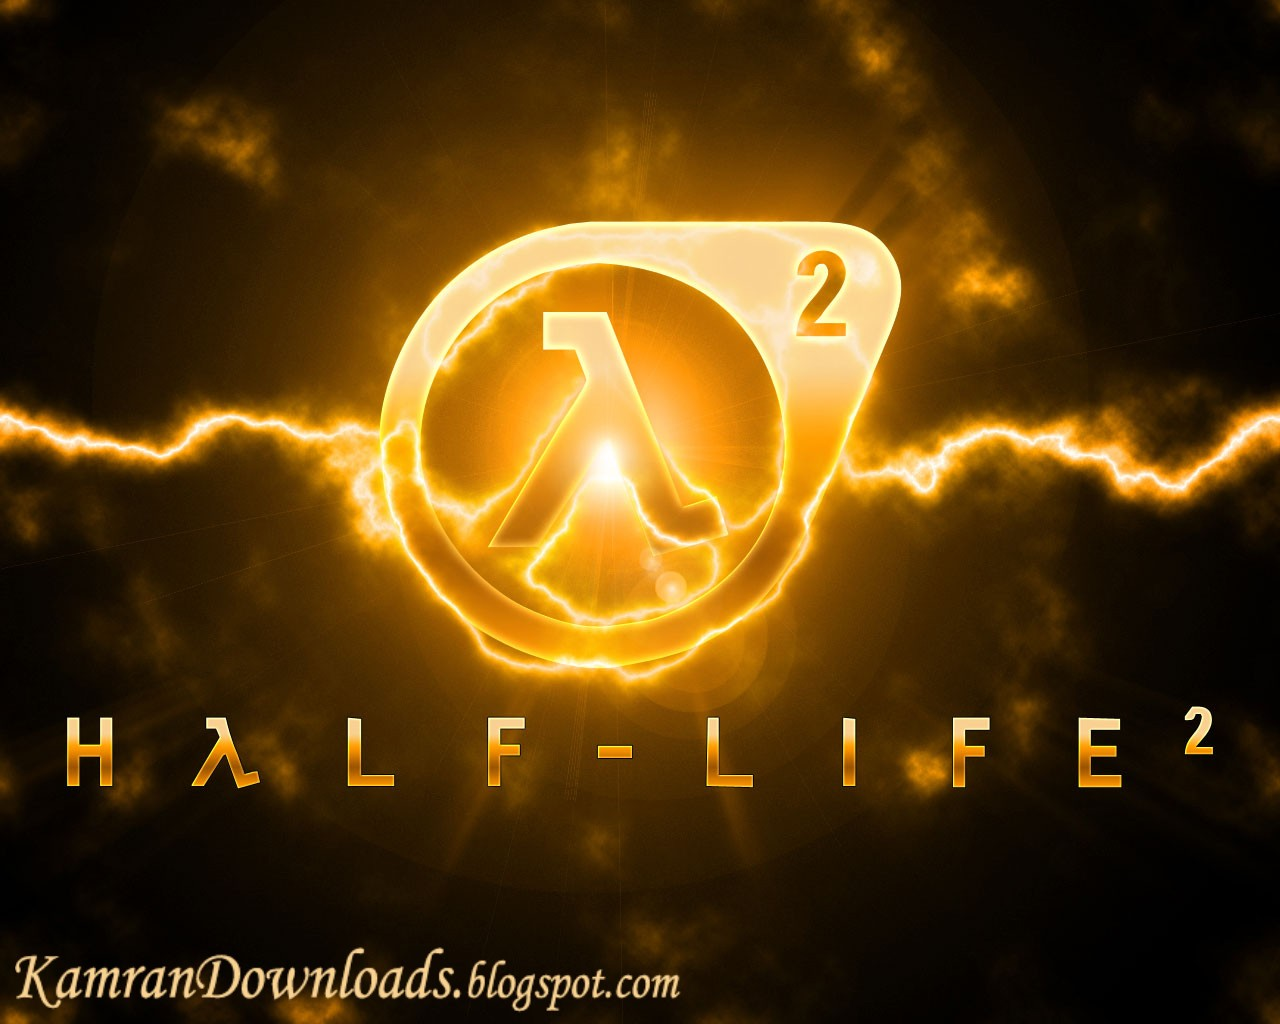 Kamran Downloads: Half Life 2 Free Download Full Version ...